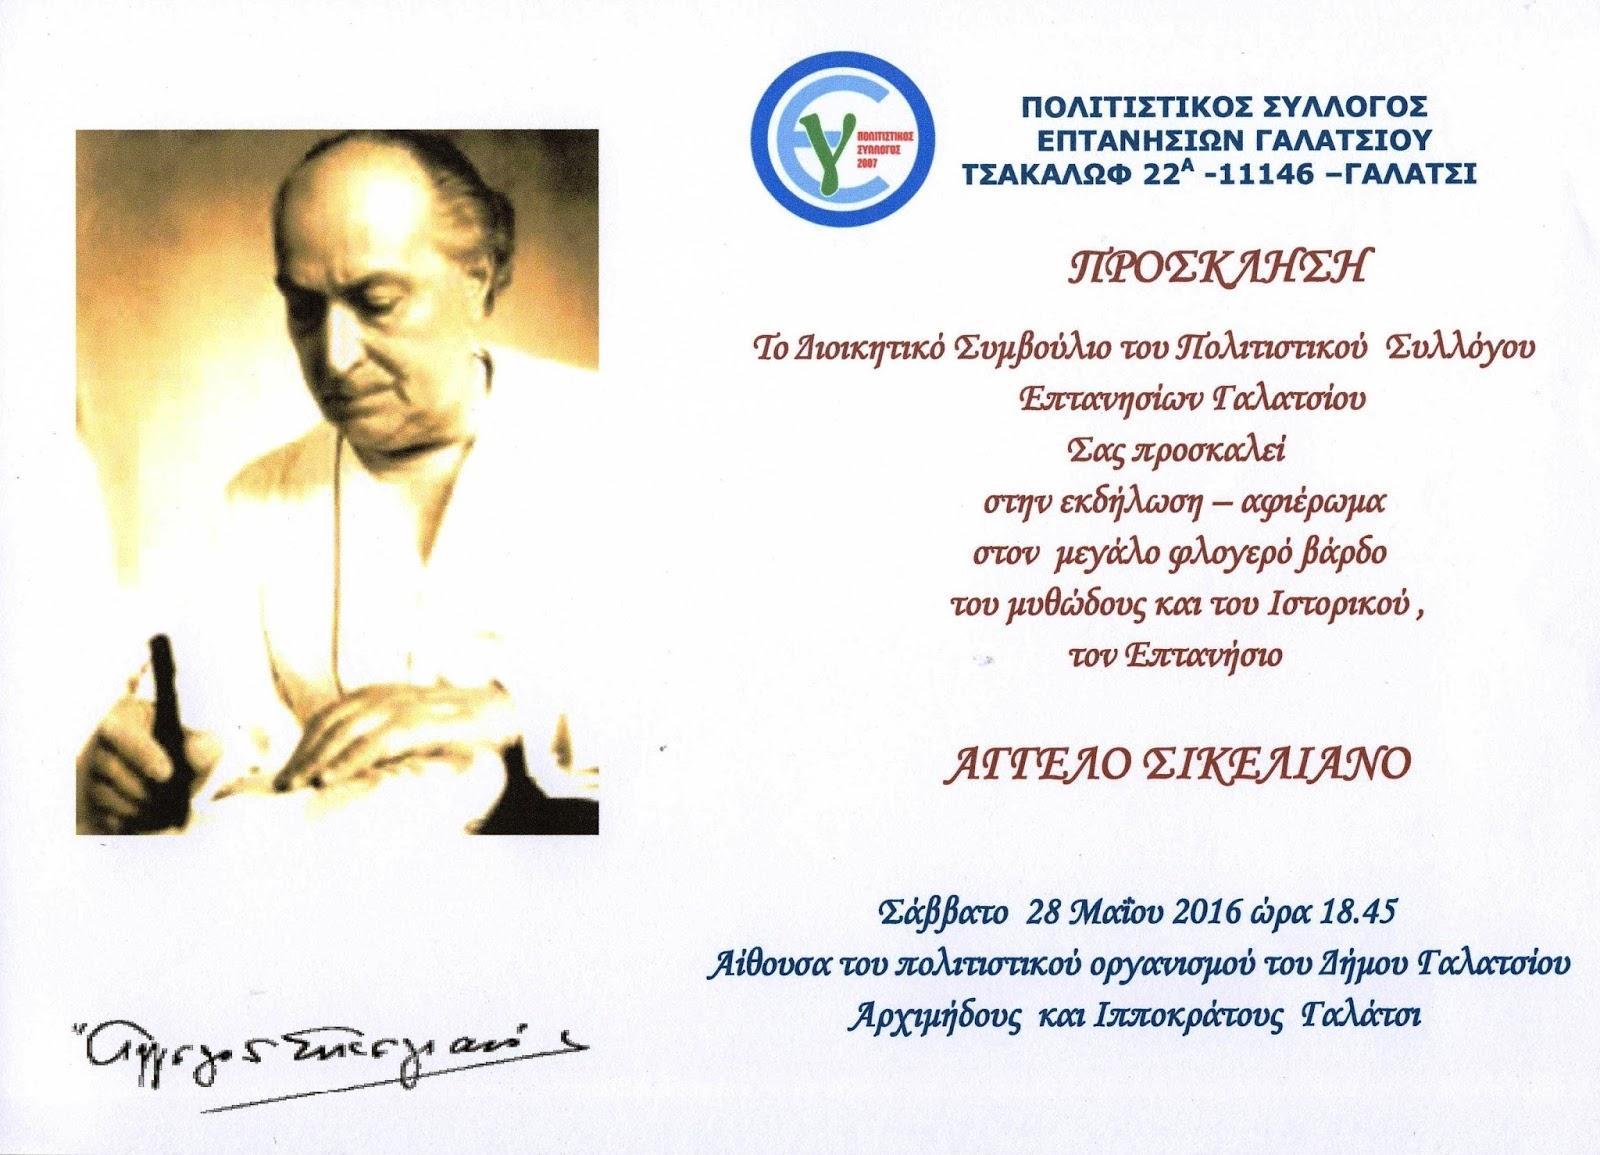 Εκδήλωση Αφιέρωμα Συλλόγου Επτανησίων Γαλατσίου για τον Λευκαδίτη ποιητή Άγγελο Σικελιανό